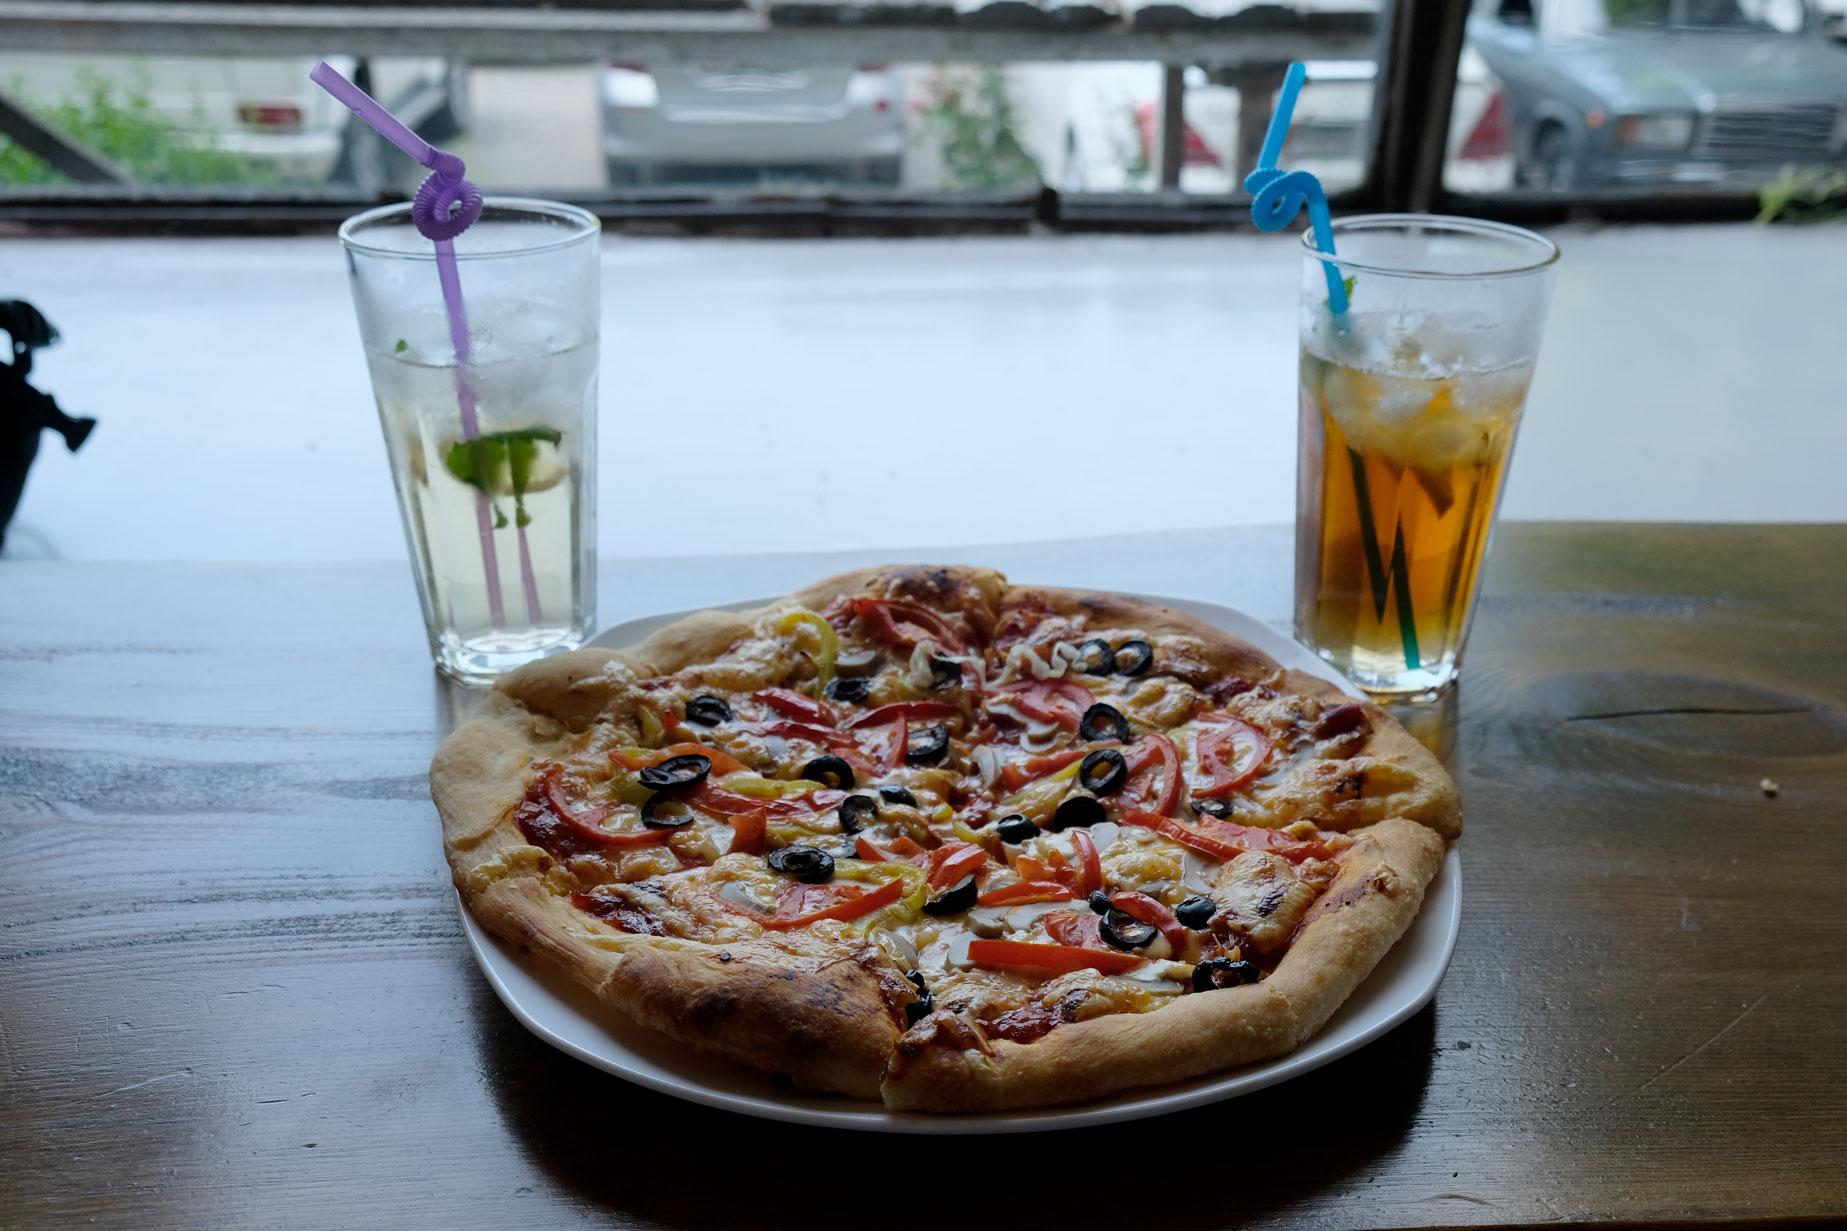 Zwei Getränke neben einer Pizza